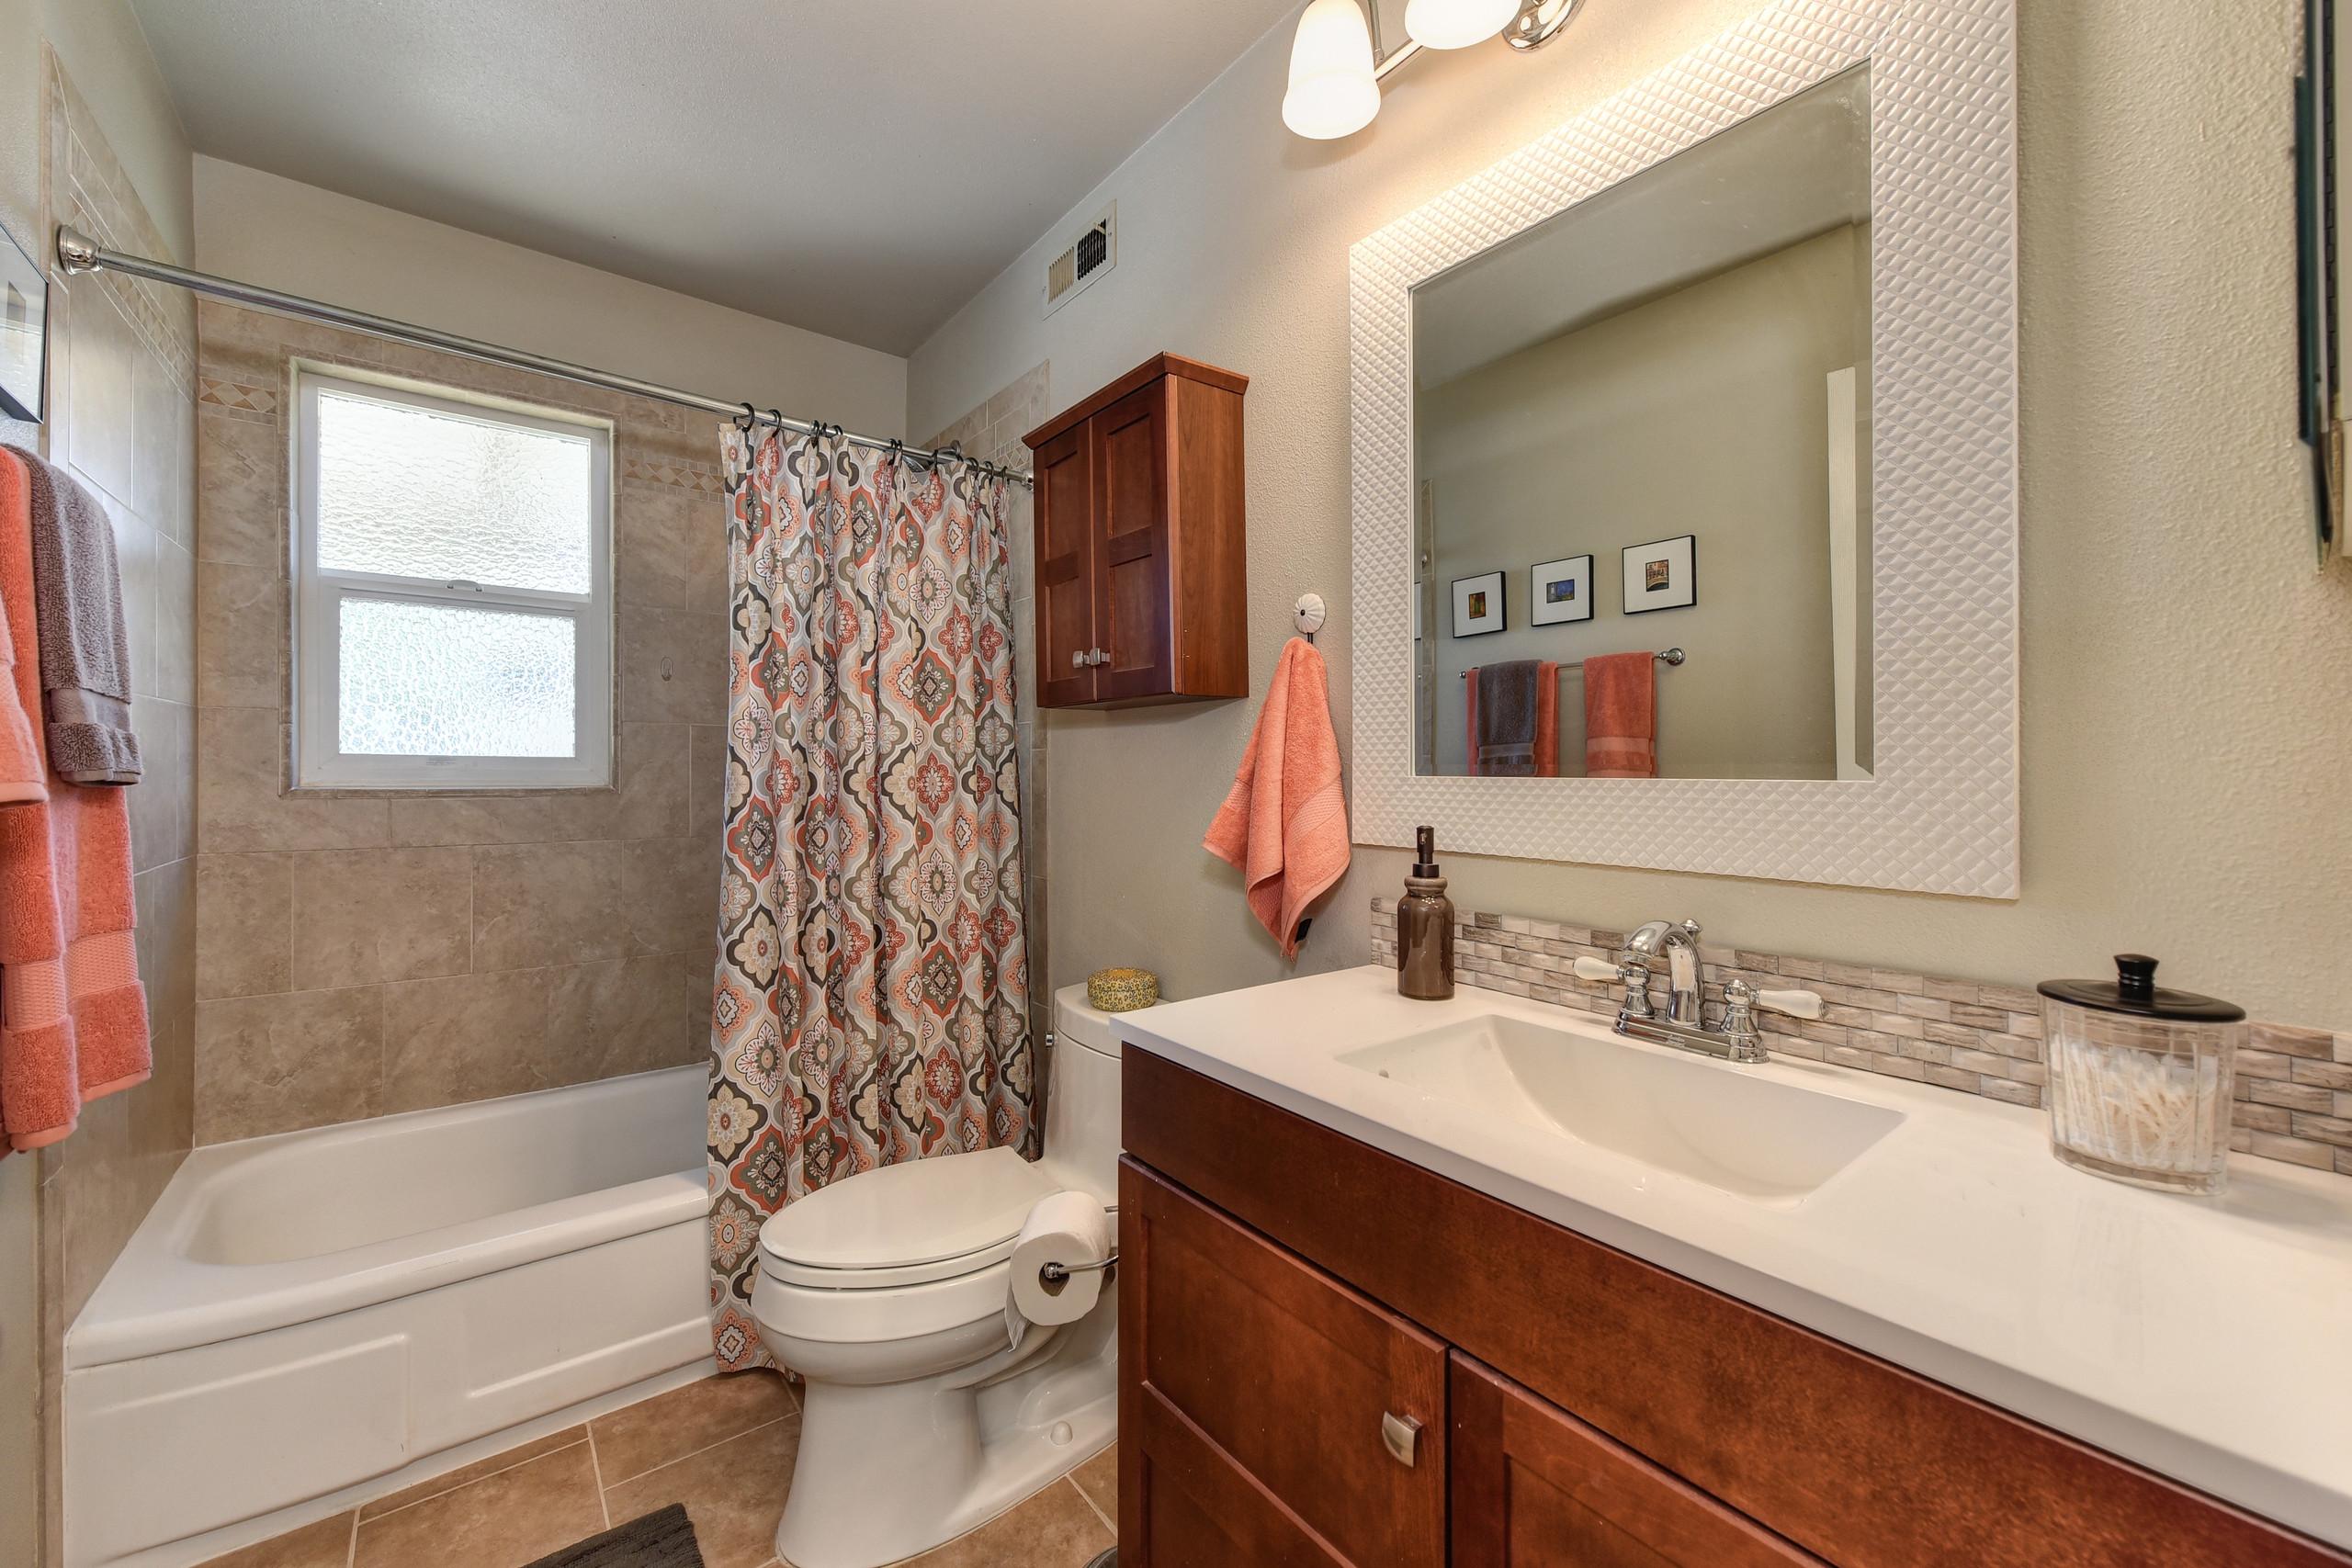 2208 Alegre Court Rancho Cordova CA 95670 ,Bath Room